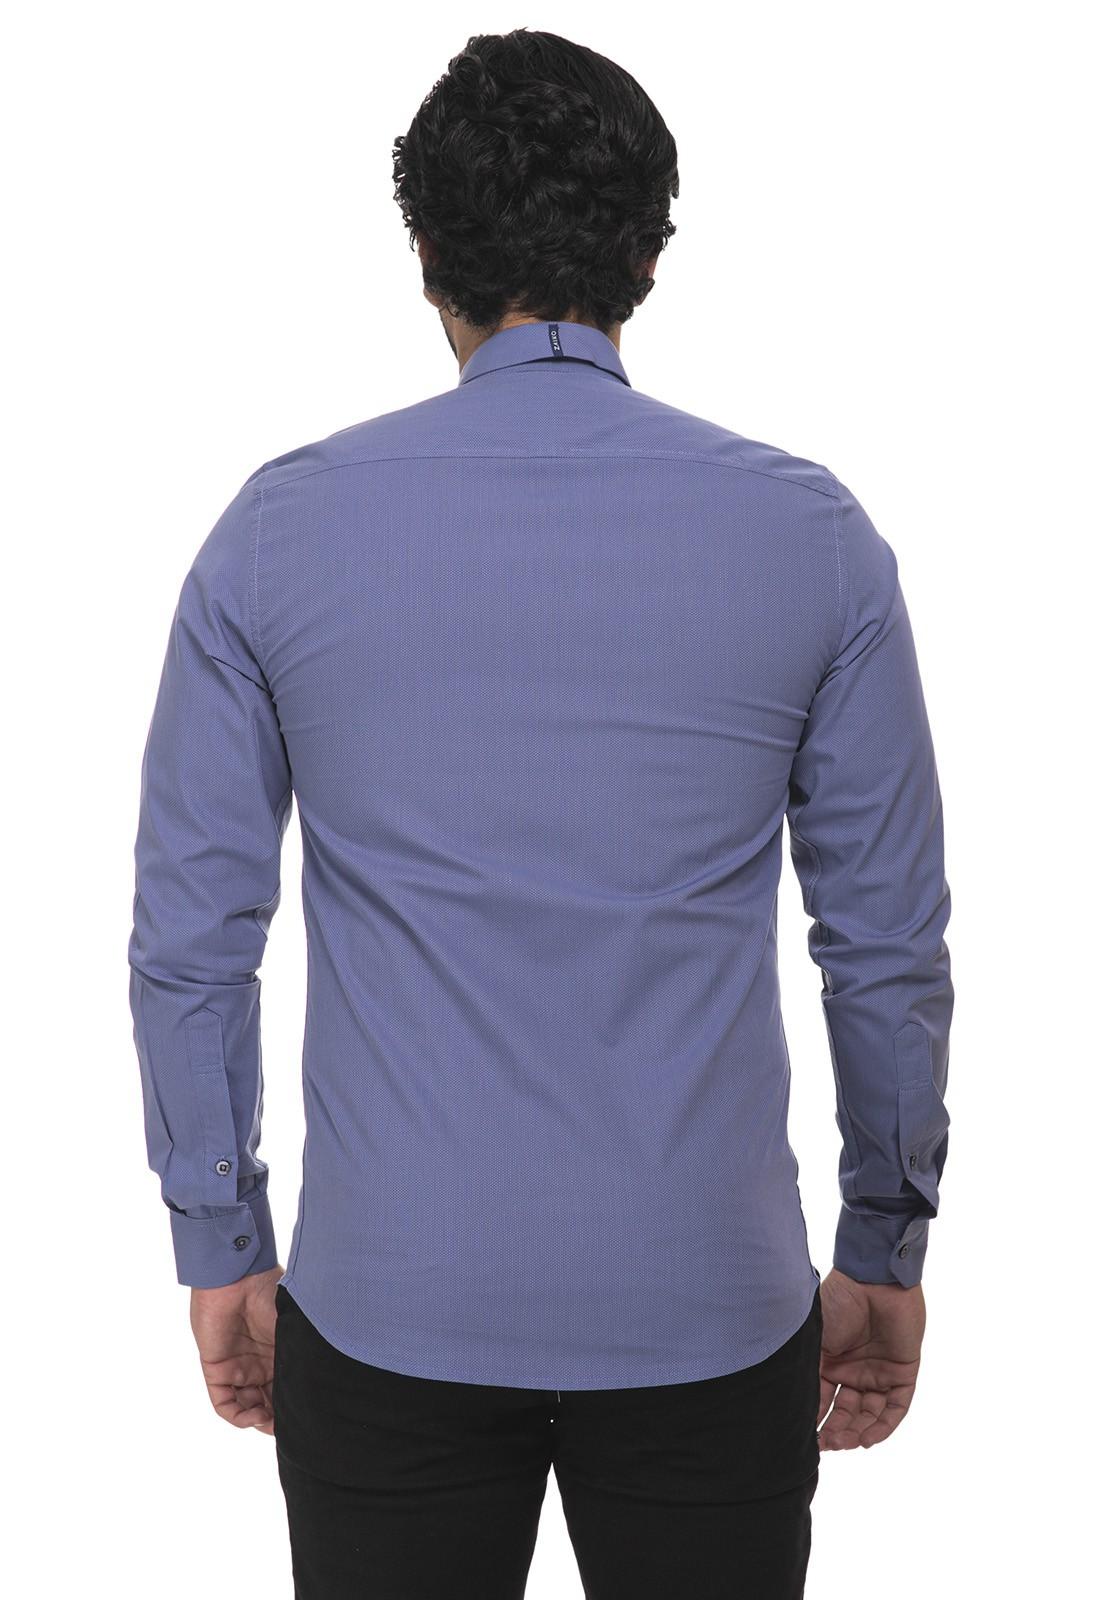 Kit 3 camisas social manga longa Frete Grátis